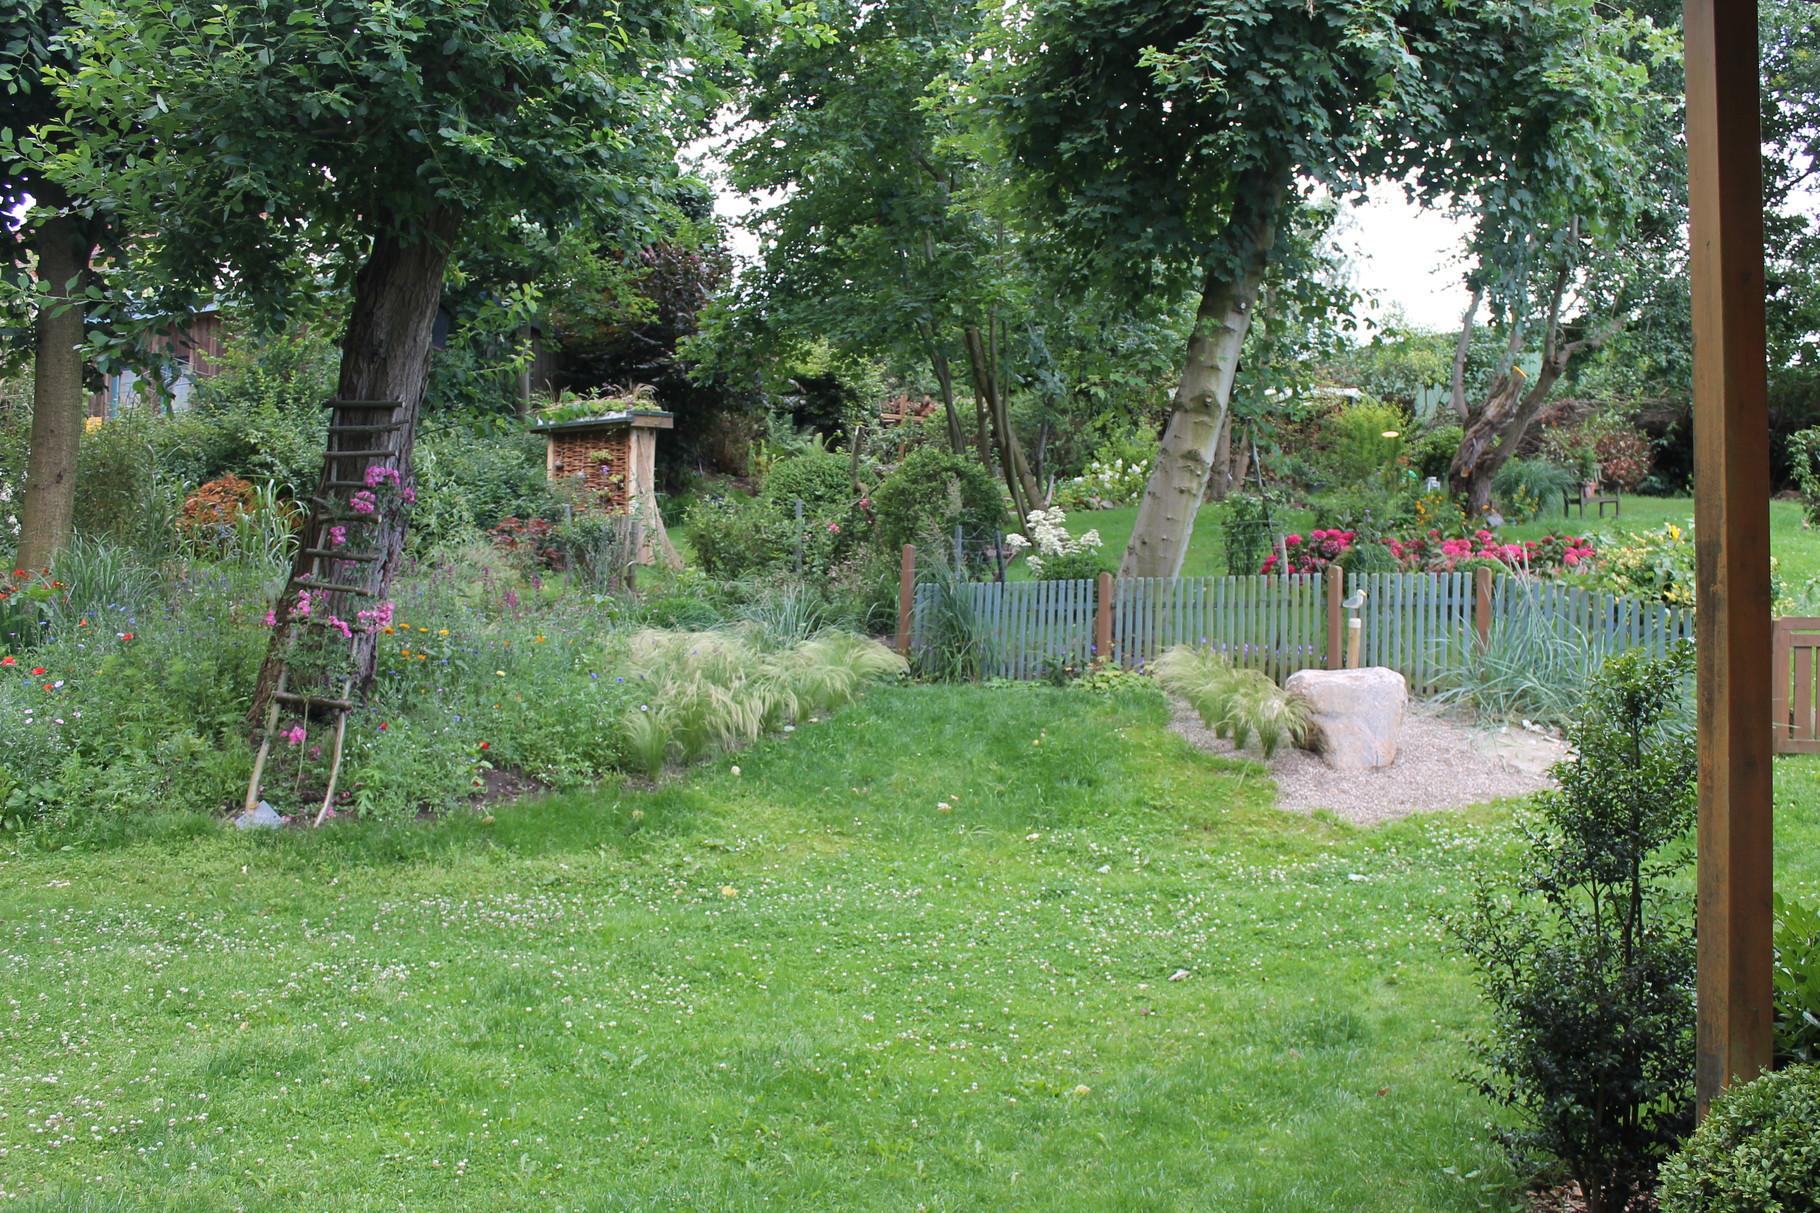 Frisch Garten Gestalten App Ideen